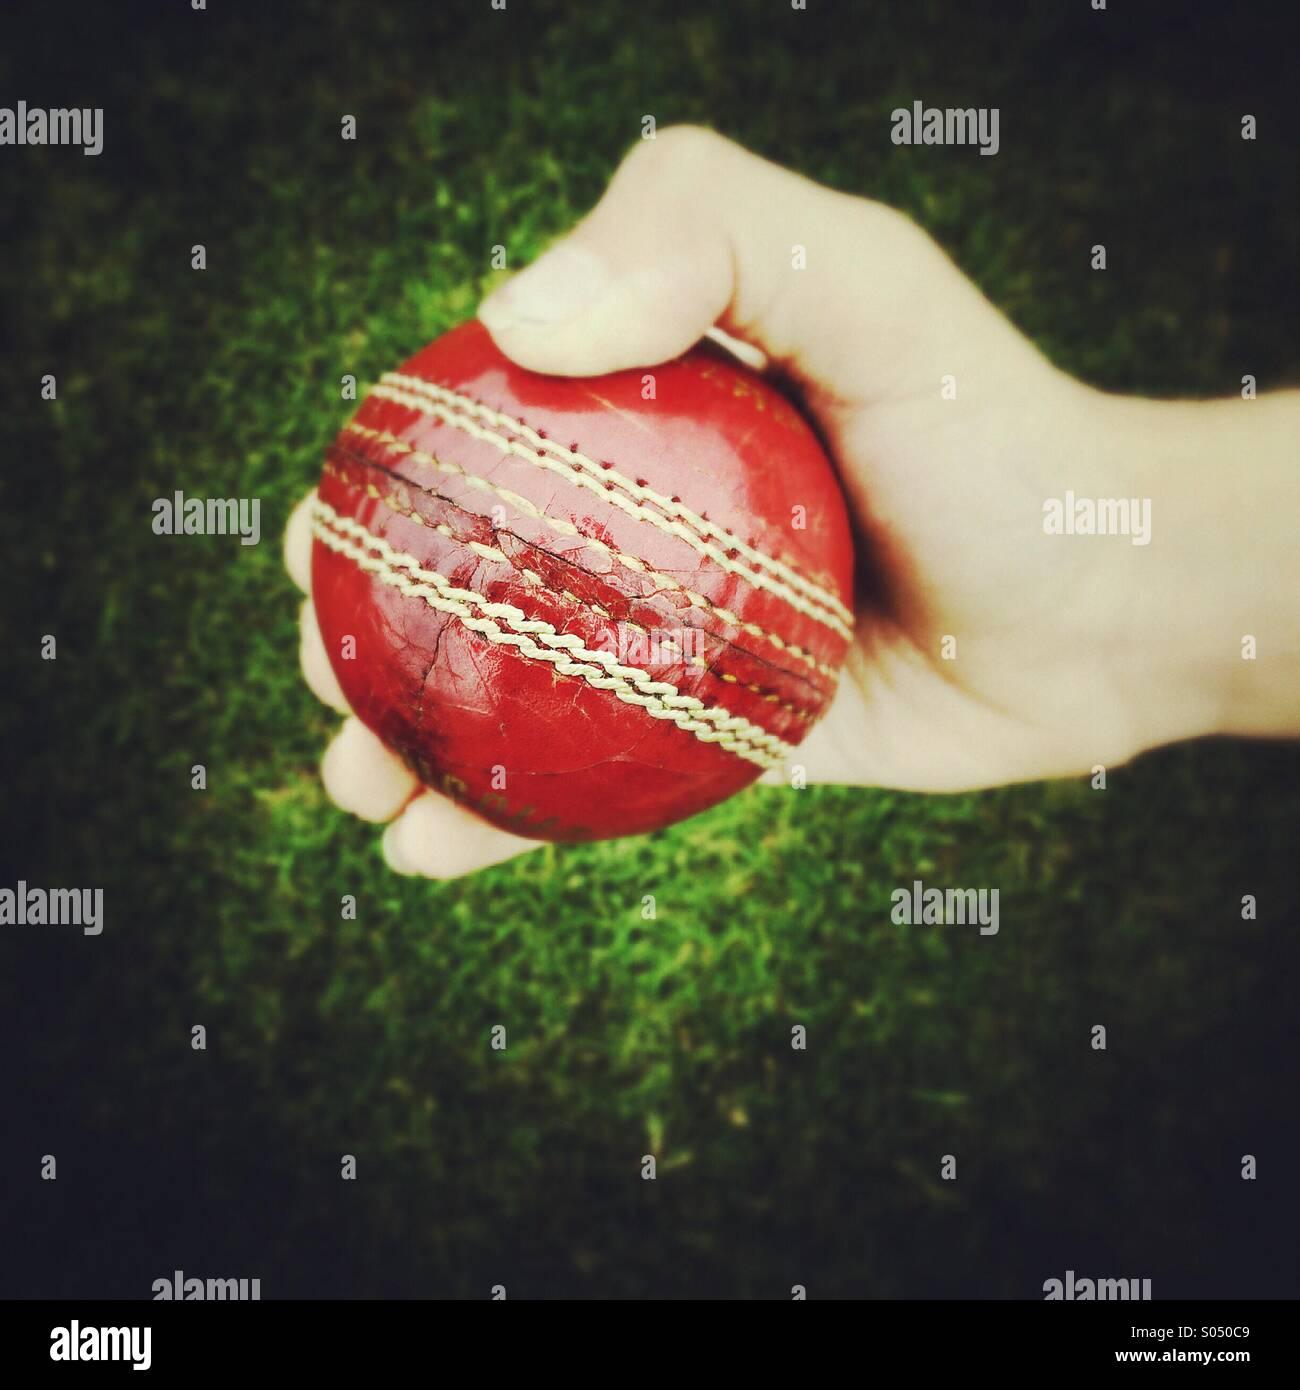 La celebración de una bola de críquet Imagen De Stock